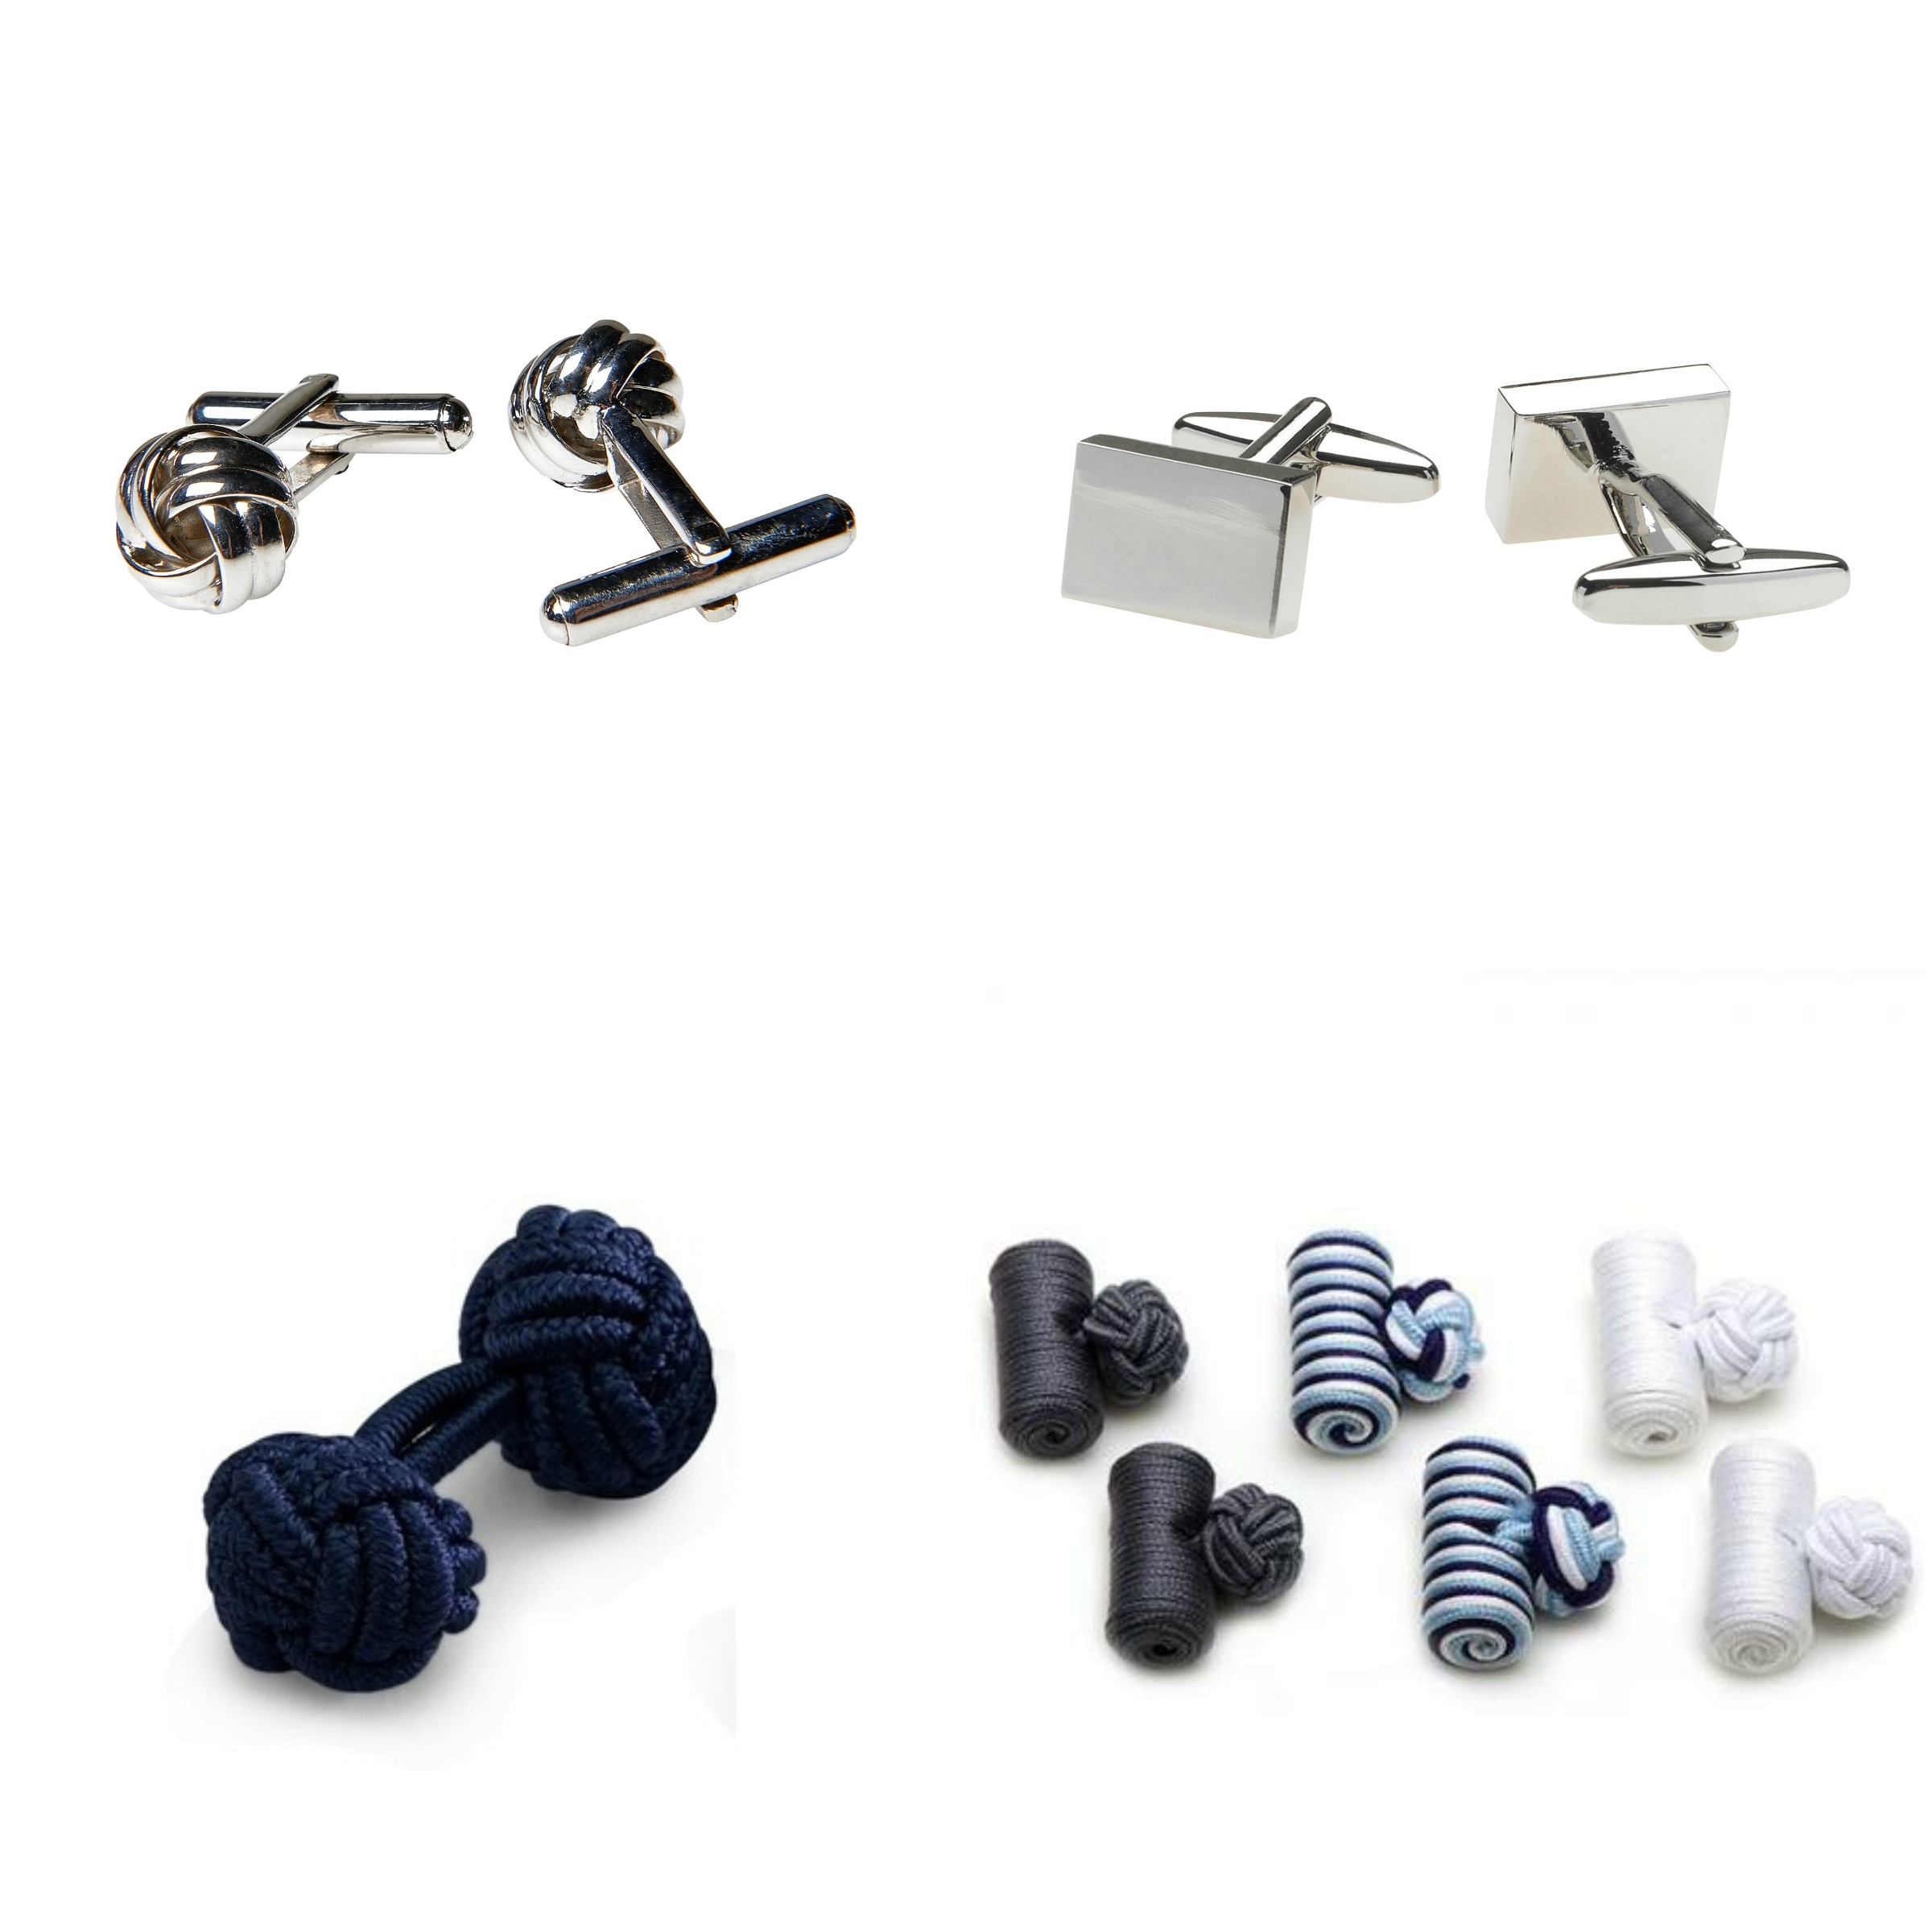 ecaeb883d58b spinki metalowe stalowe węzełki jak się ubrać na wesele ...